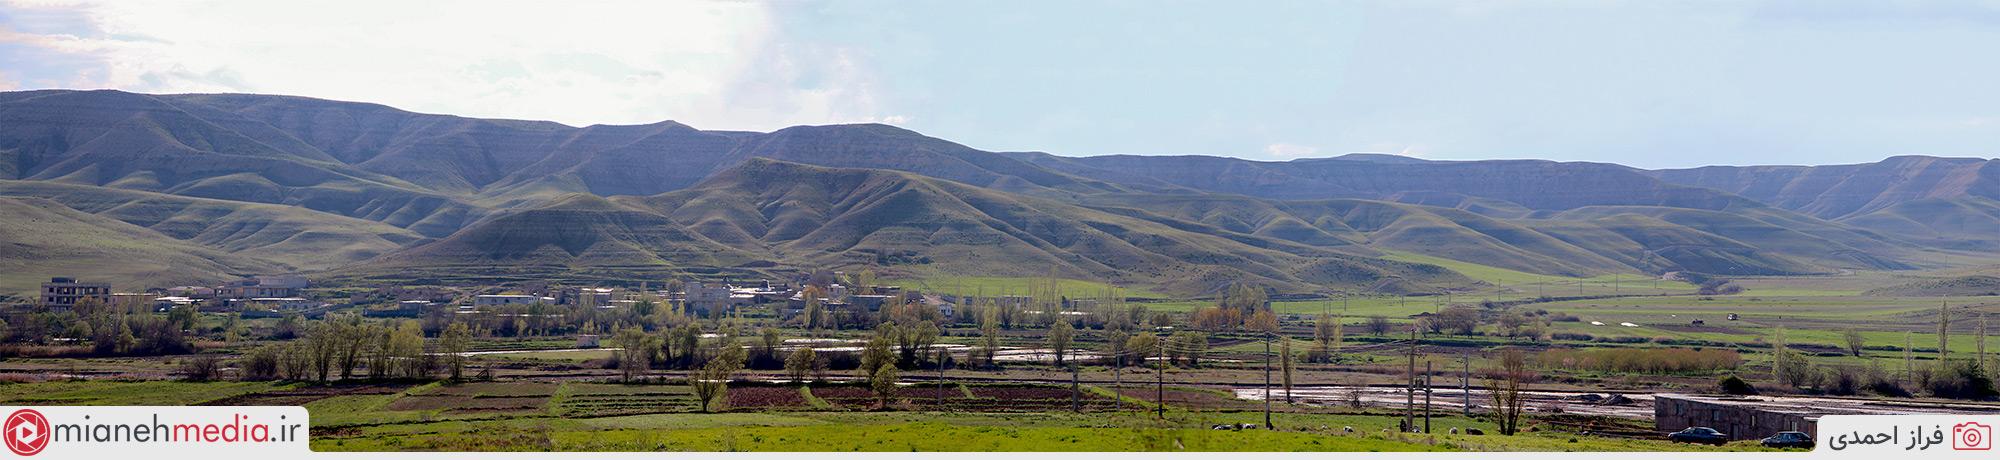 روستای تازه کند دیوانلیق (دووانلی تزه کند)